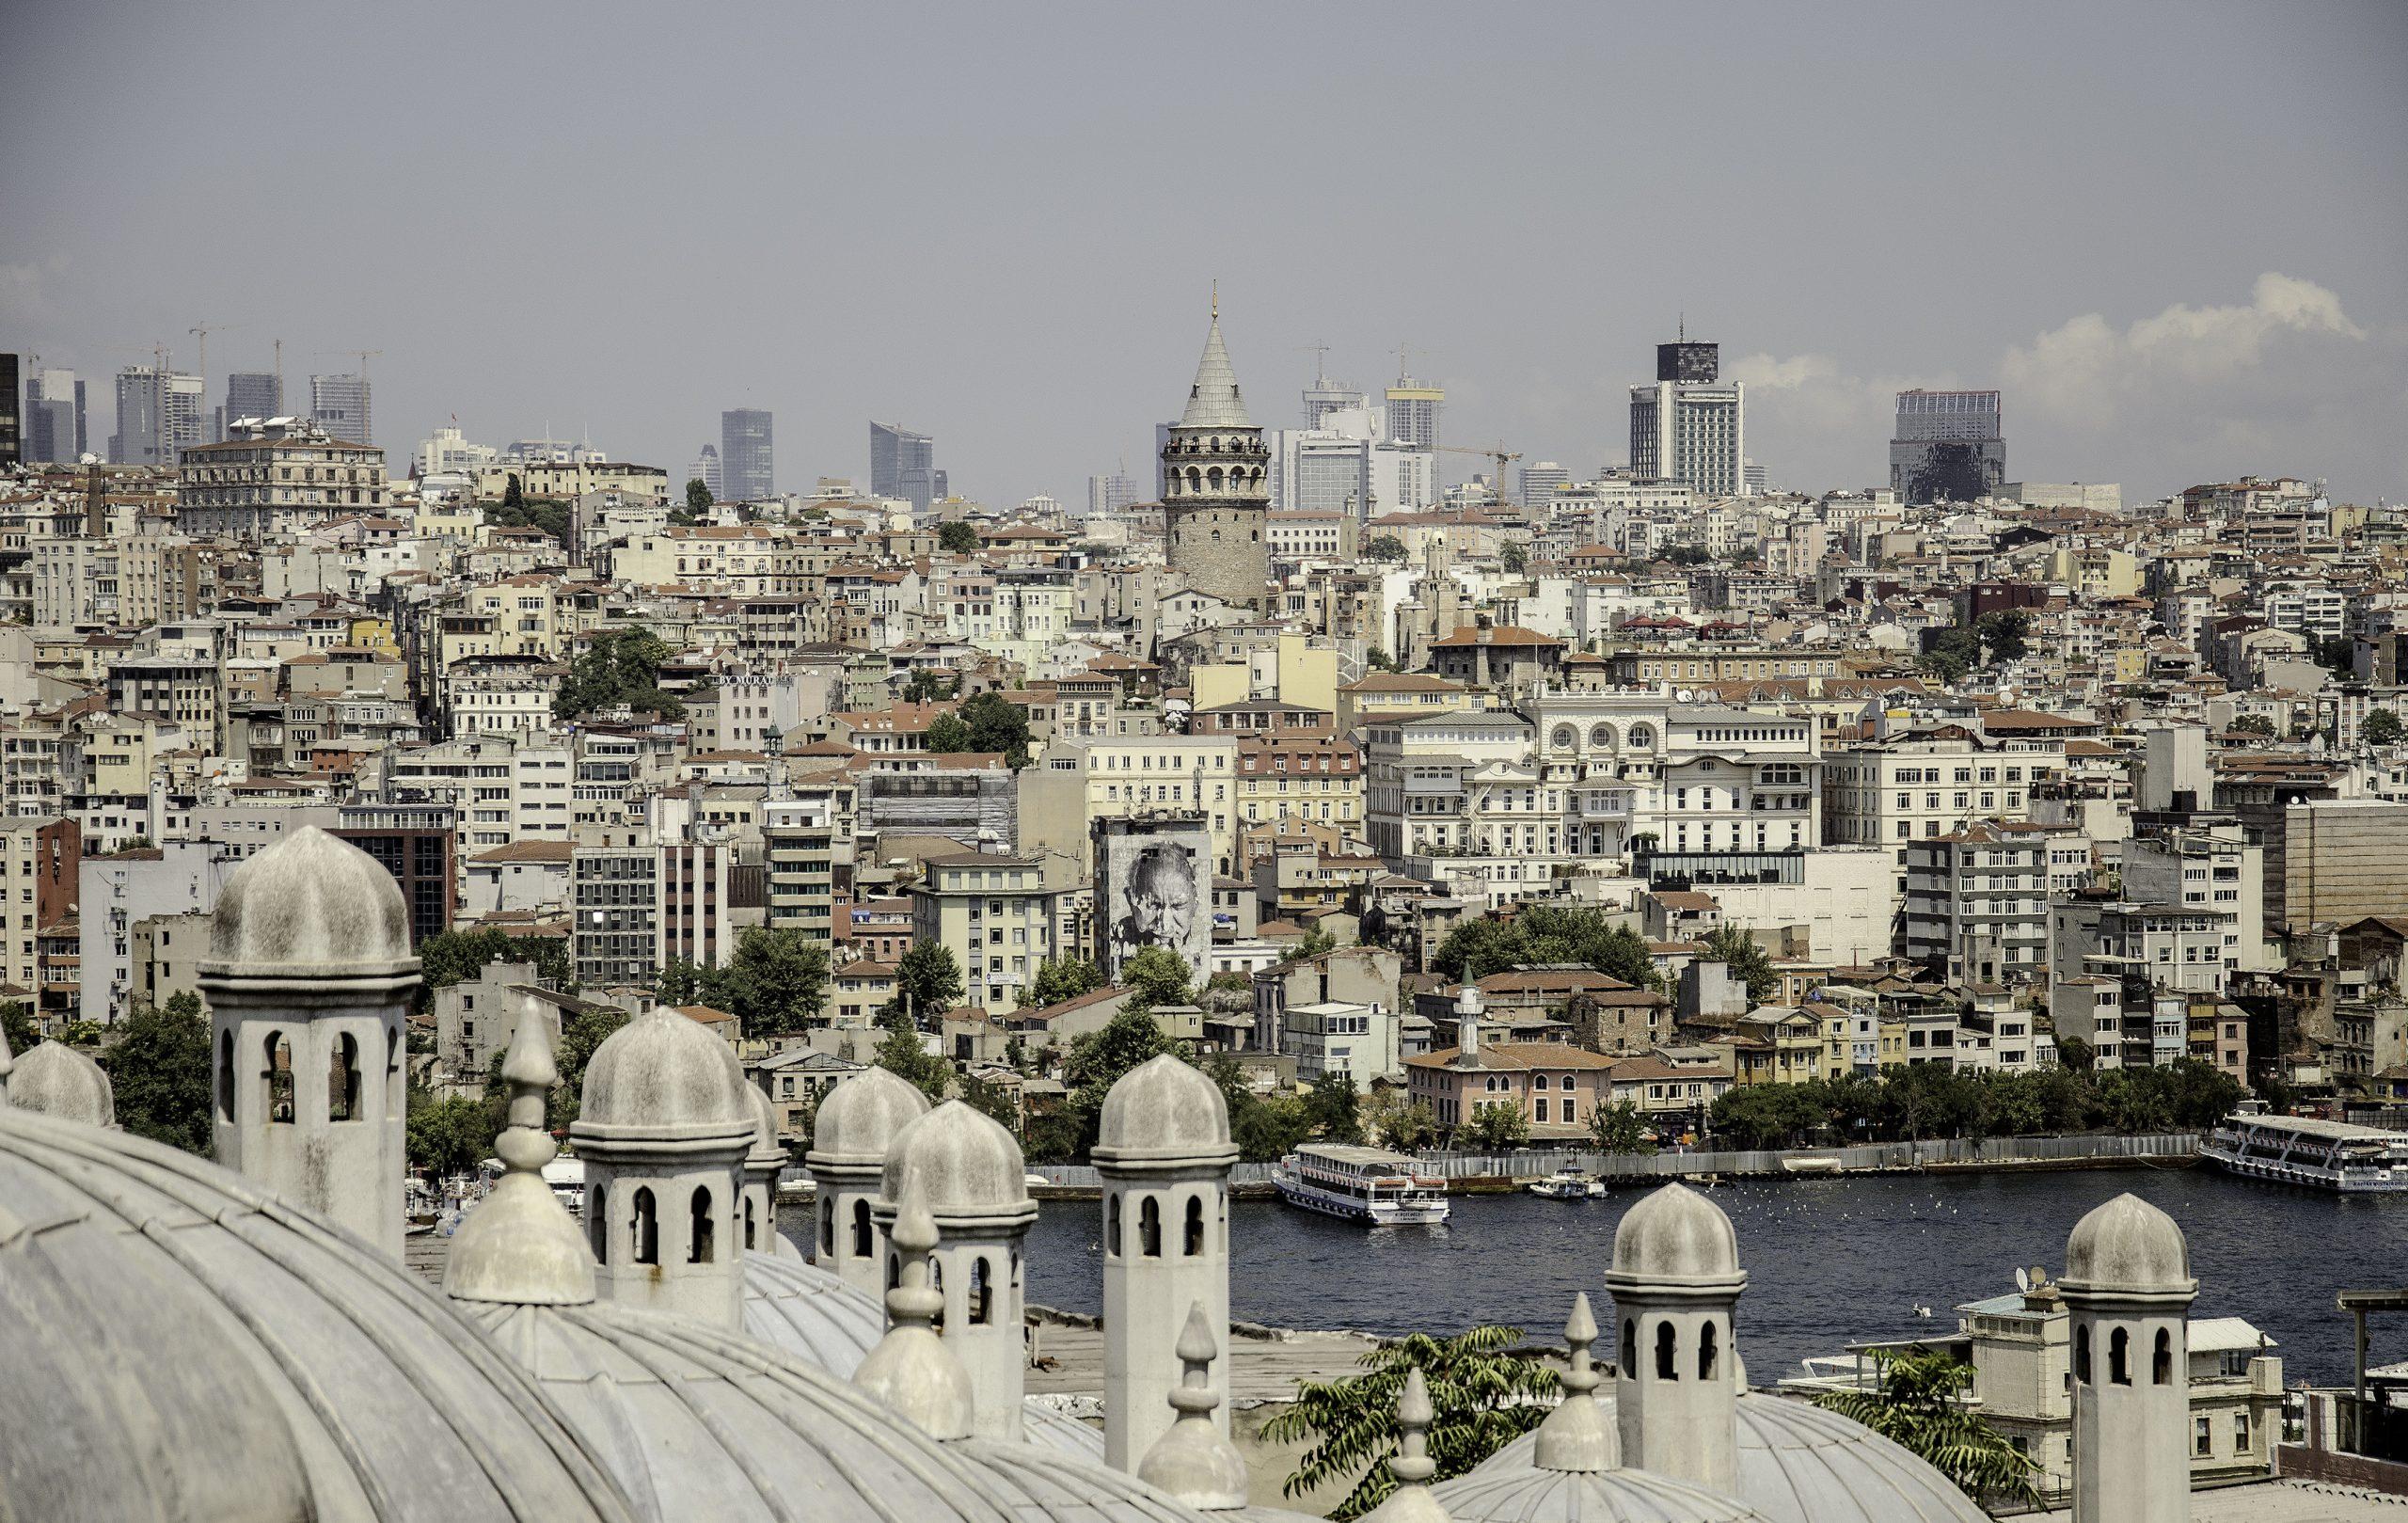 Törökországi beszámoló: Színekkel, ízekkel és hangulatokkal Anatólia különleges világáról